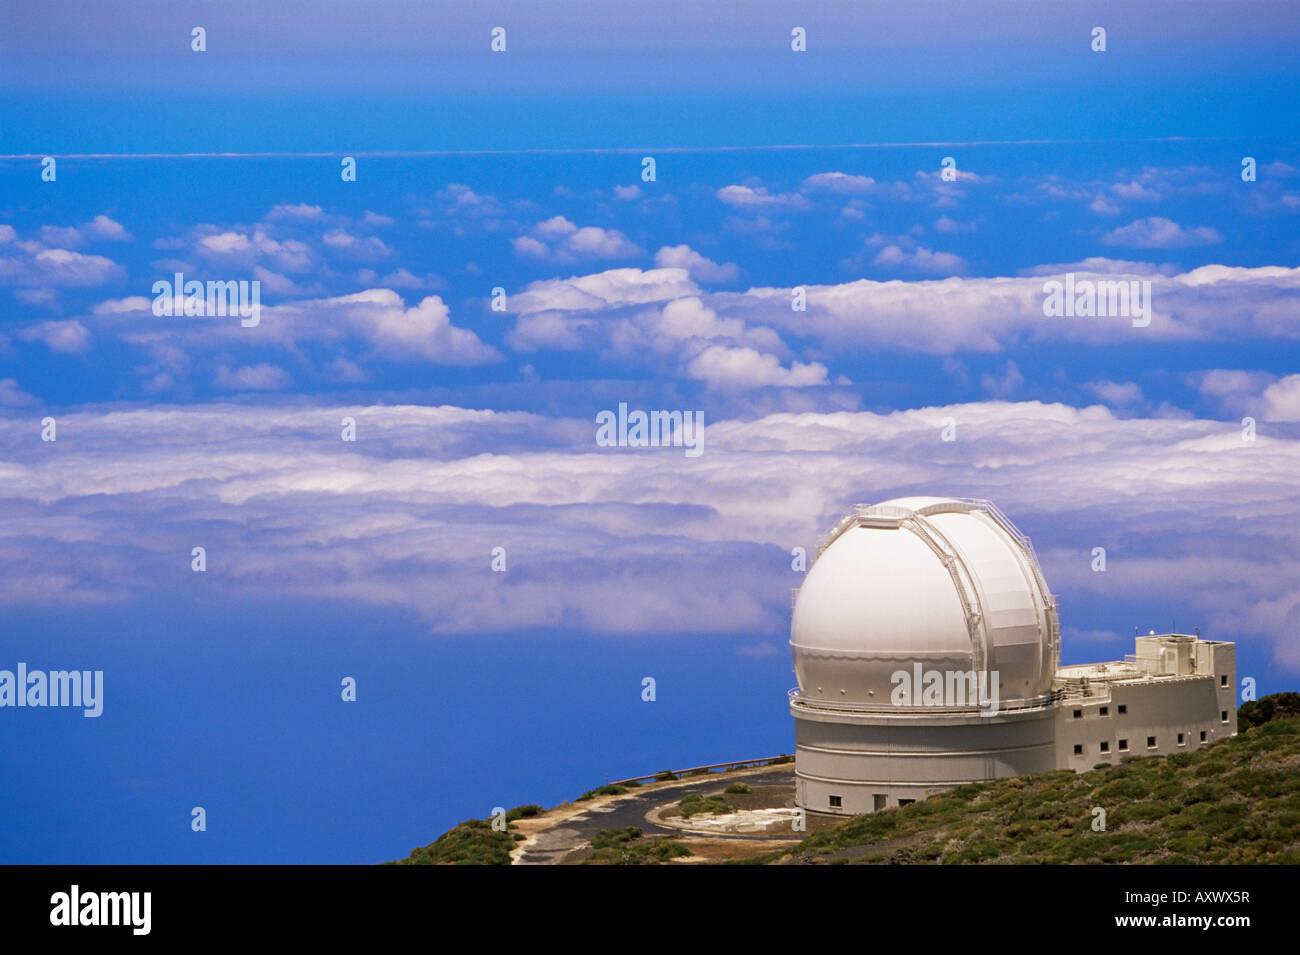 Osservatorio astrofisica situato nei pressi di Roque de los Muchachos, La Palma Isole Canarie Spagna, Atlantico, Immagini Stock